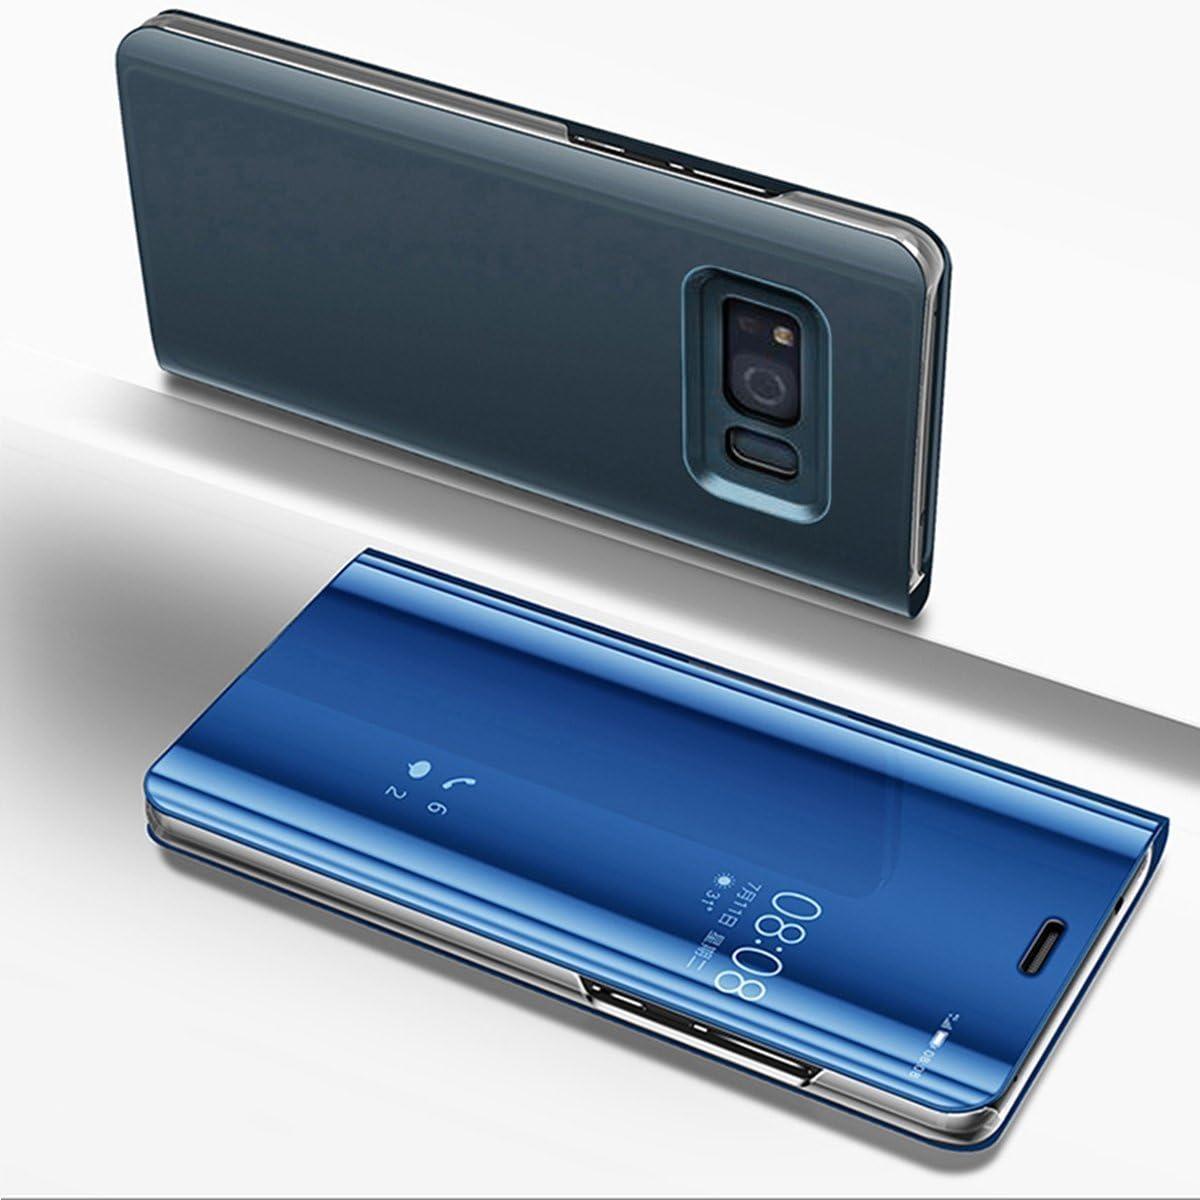 Etsue Miroir Coque Samsung Galaxy S8 Flip Cover Portefeuille PU Cuir Miroir Complet Protecteur étui Support Coque Mirror Clear View à Rabat Smart ...